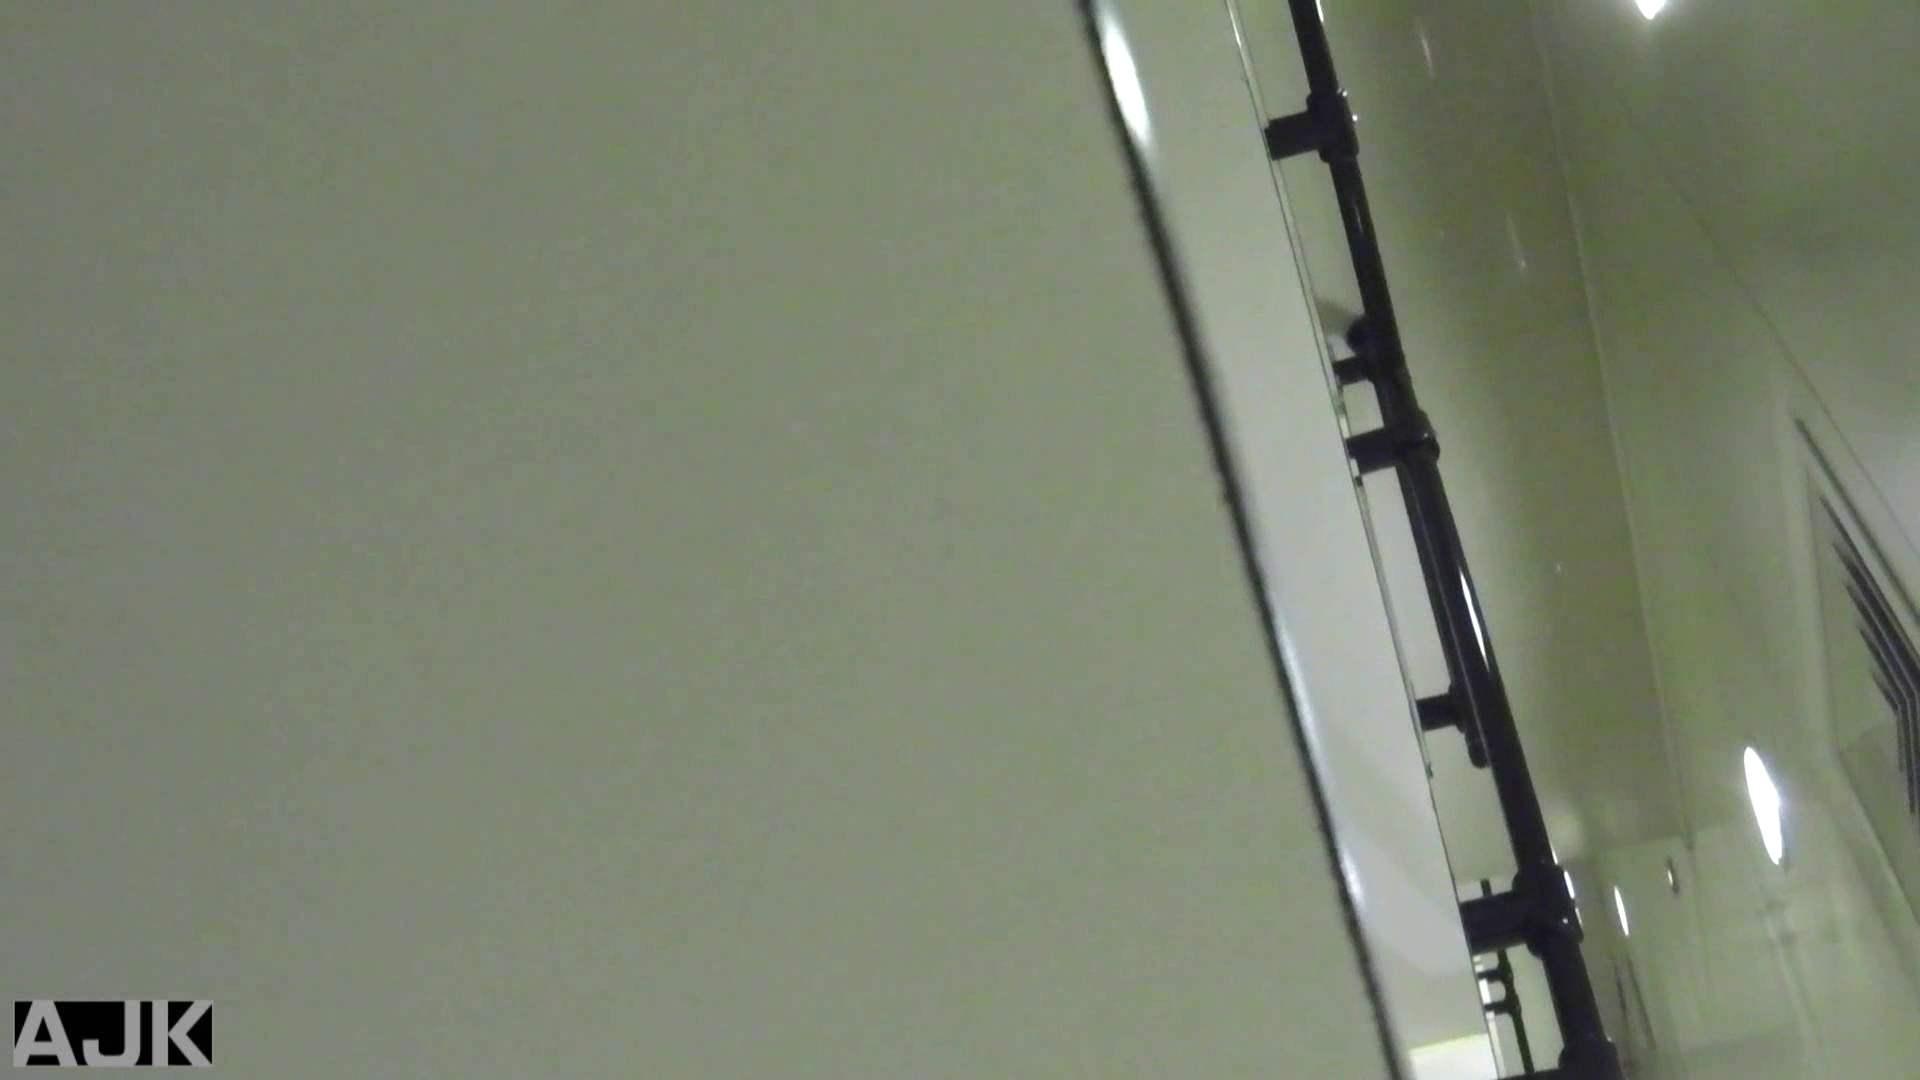 隣国上階級エリアの令嬢たちが集うデパートお手洗い Vol.15 お手洗い エロ無料画像 19連発 2